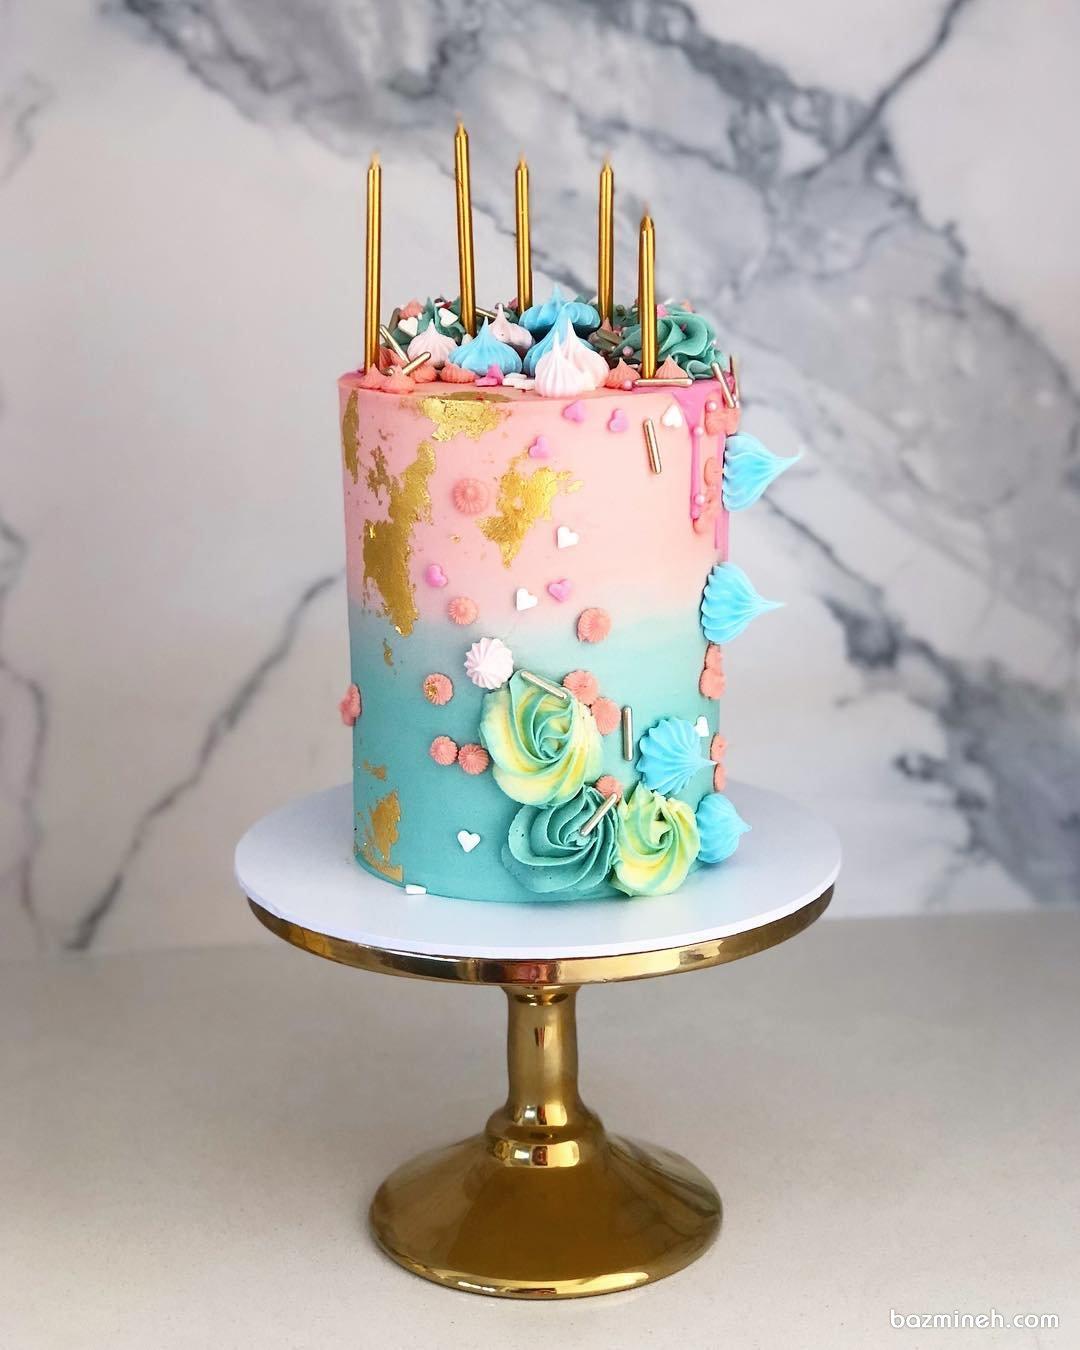 کیک فانتزی جشن تولد دخترانه با تم صورتی آبی